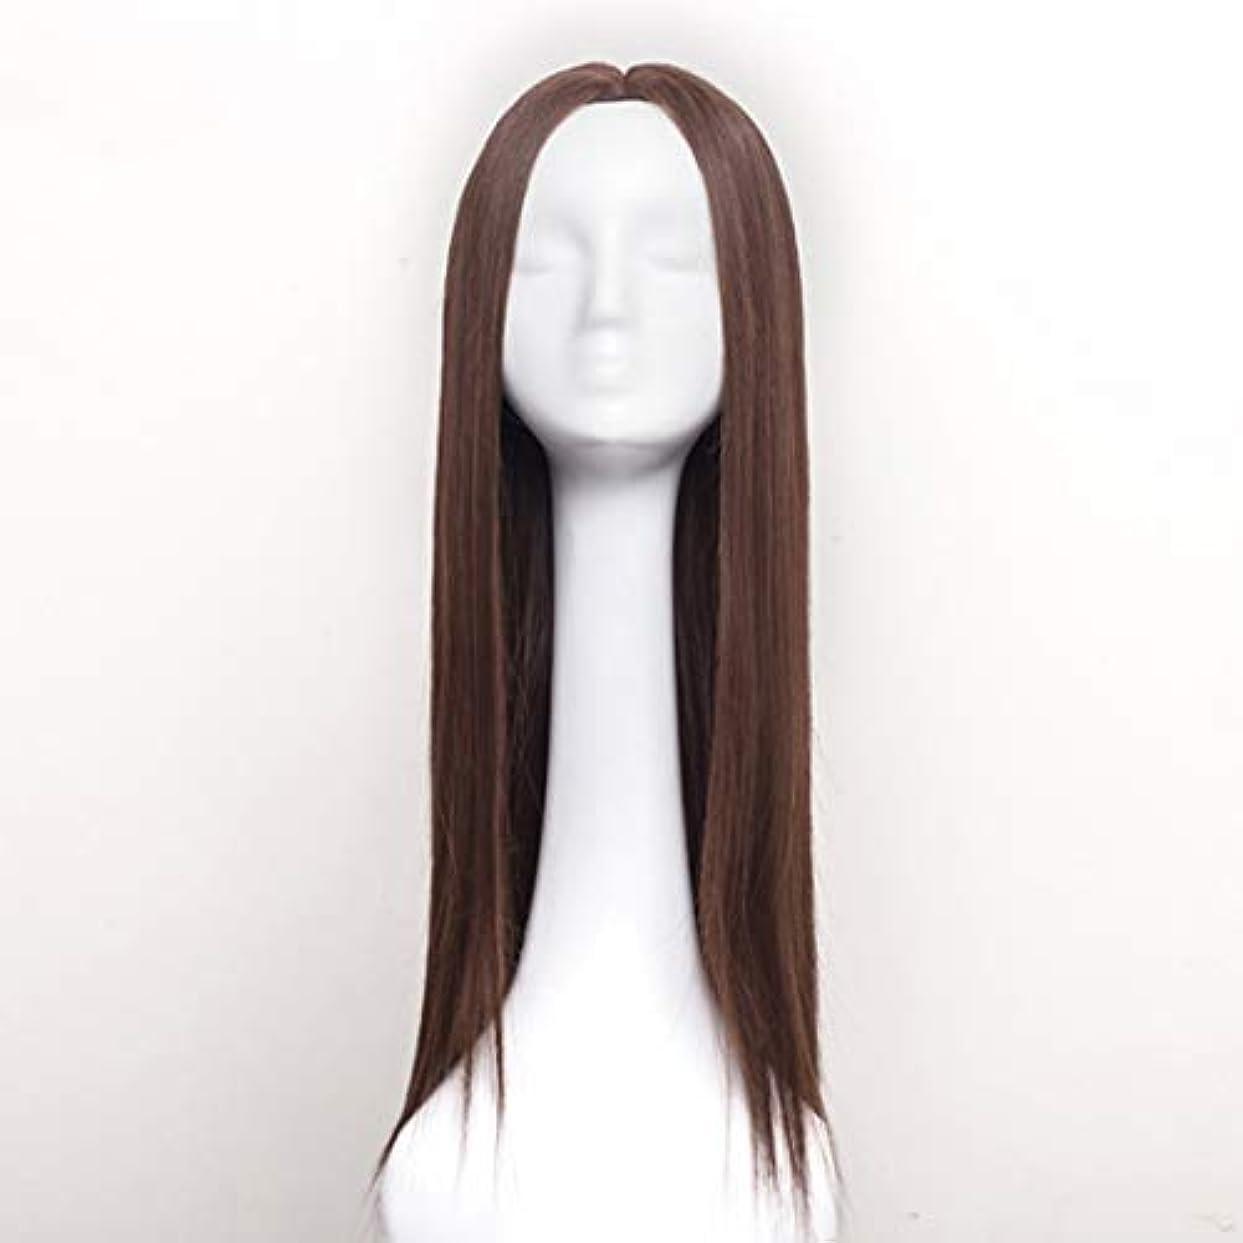 多様体二年生装置Summerys レディースウィッグロングストレートヘアウィッグ合成耐熱女性ヘアスタイルカスタムコスプレパーティーウィッグ